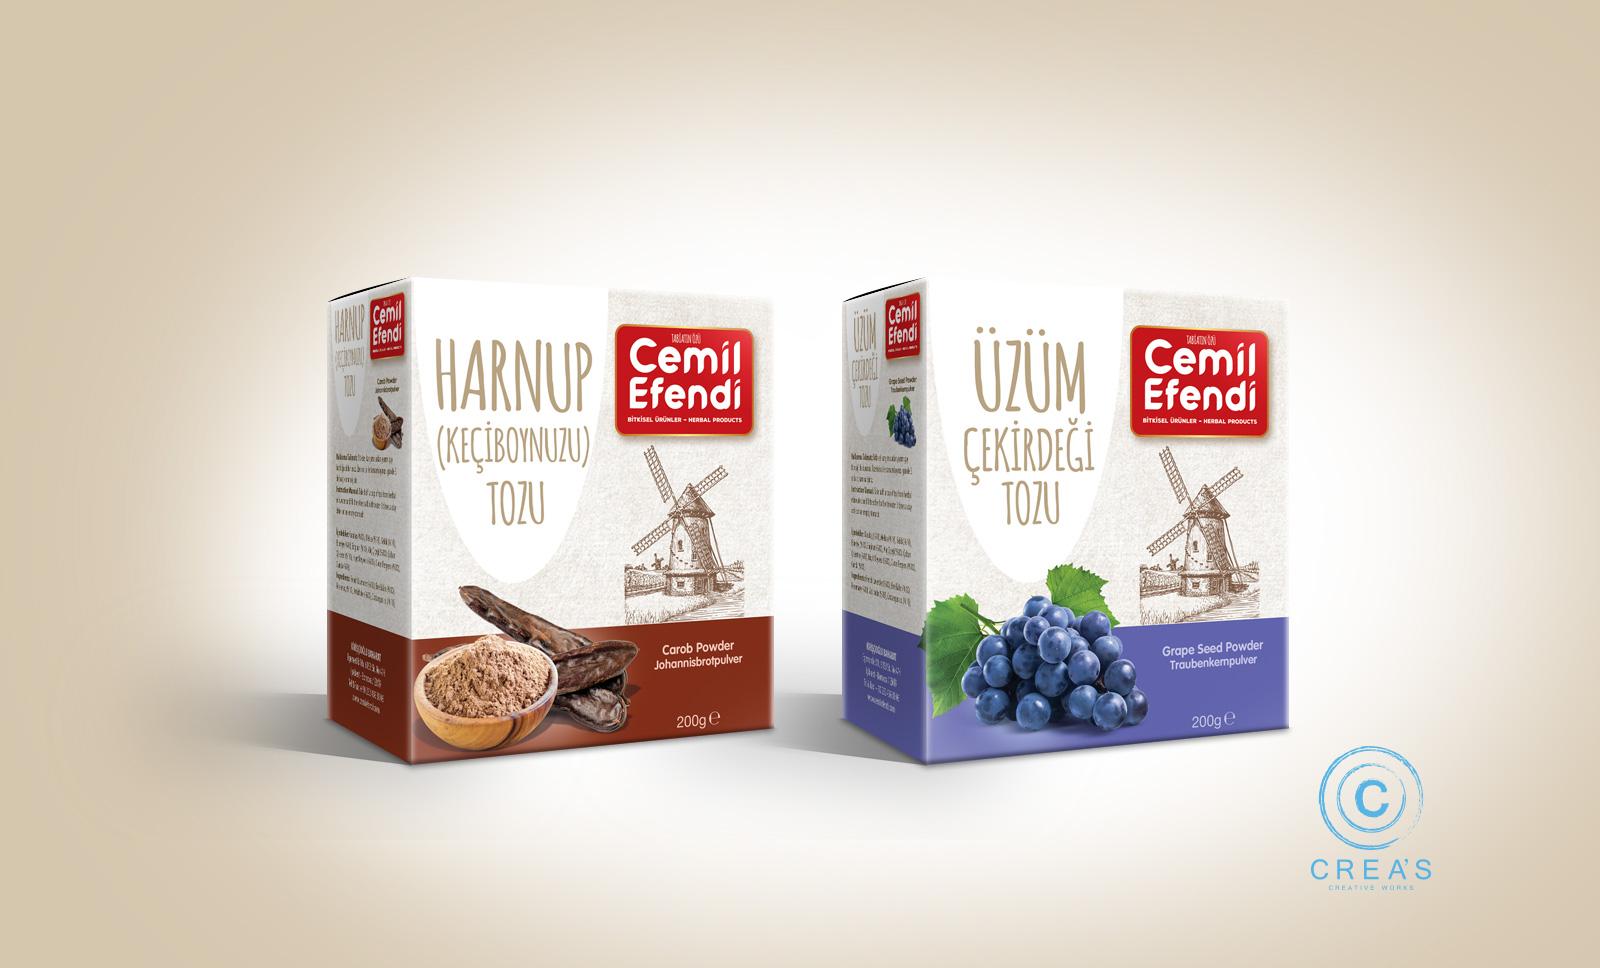 Creas Creative Tasarım ve Reklam Ajansı İzmir - Bitkisel toz ambalaj tasarımı